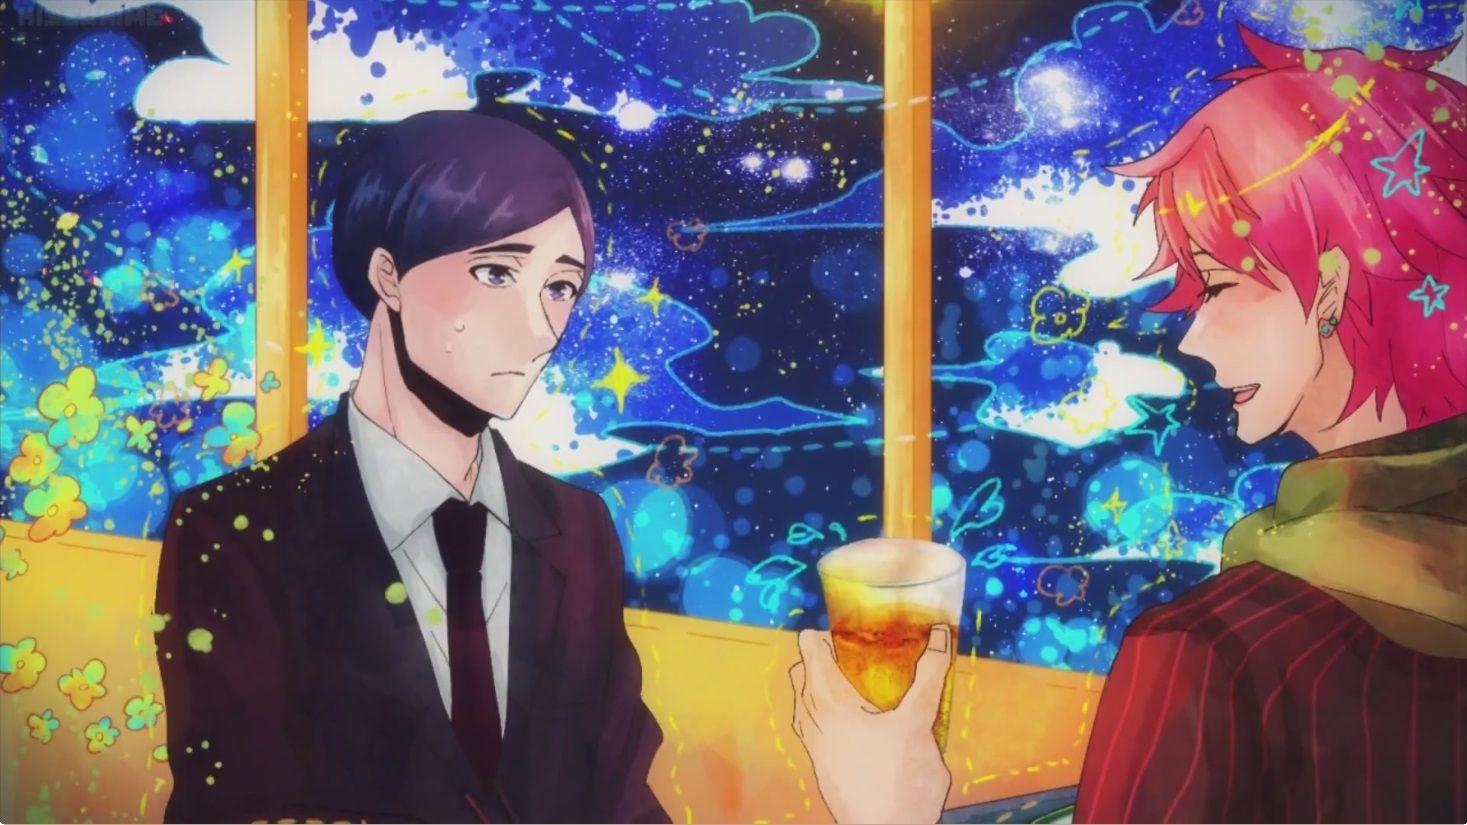 Kono Danshi, Mahou ga Oshigoto Desu (This Boy is a Professional Wizard)